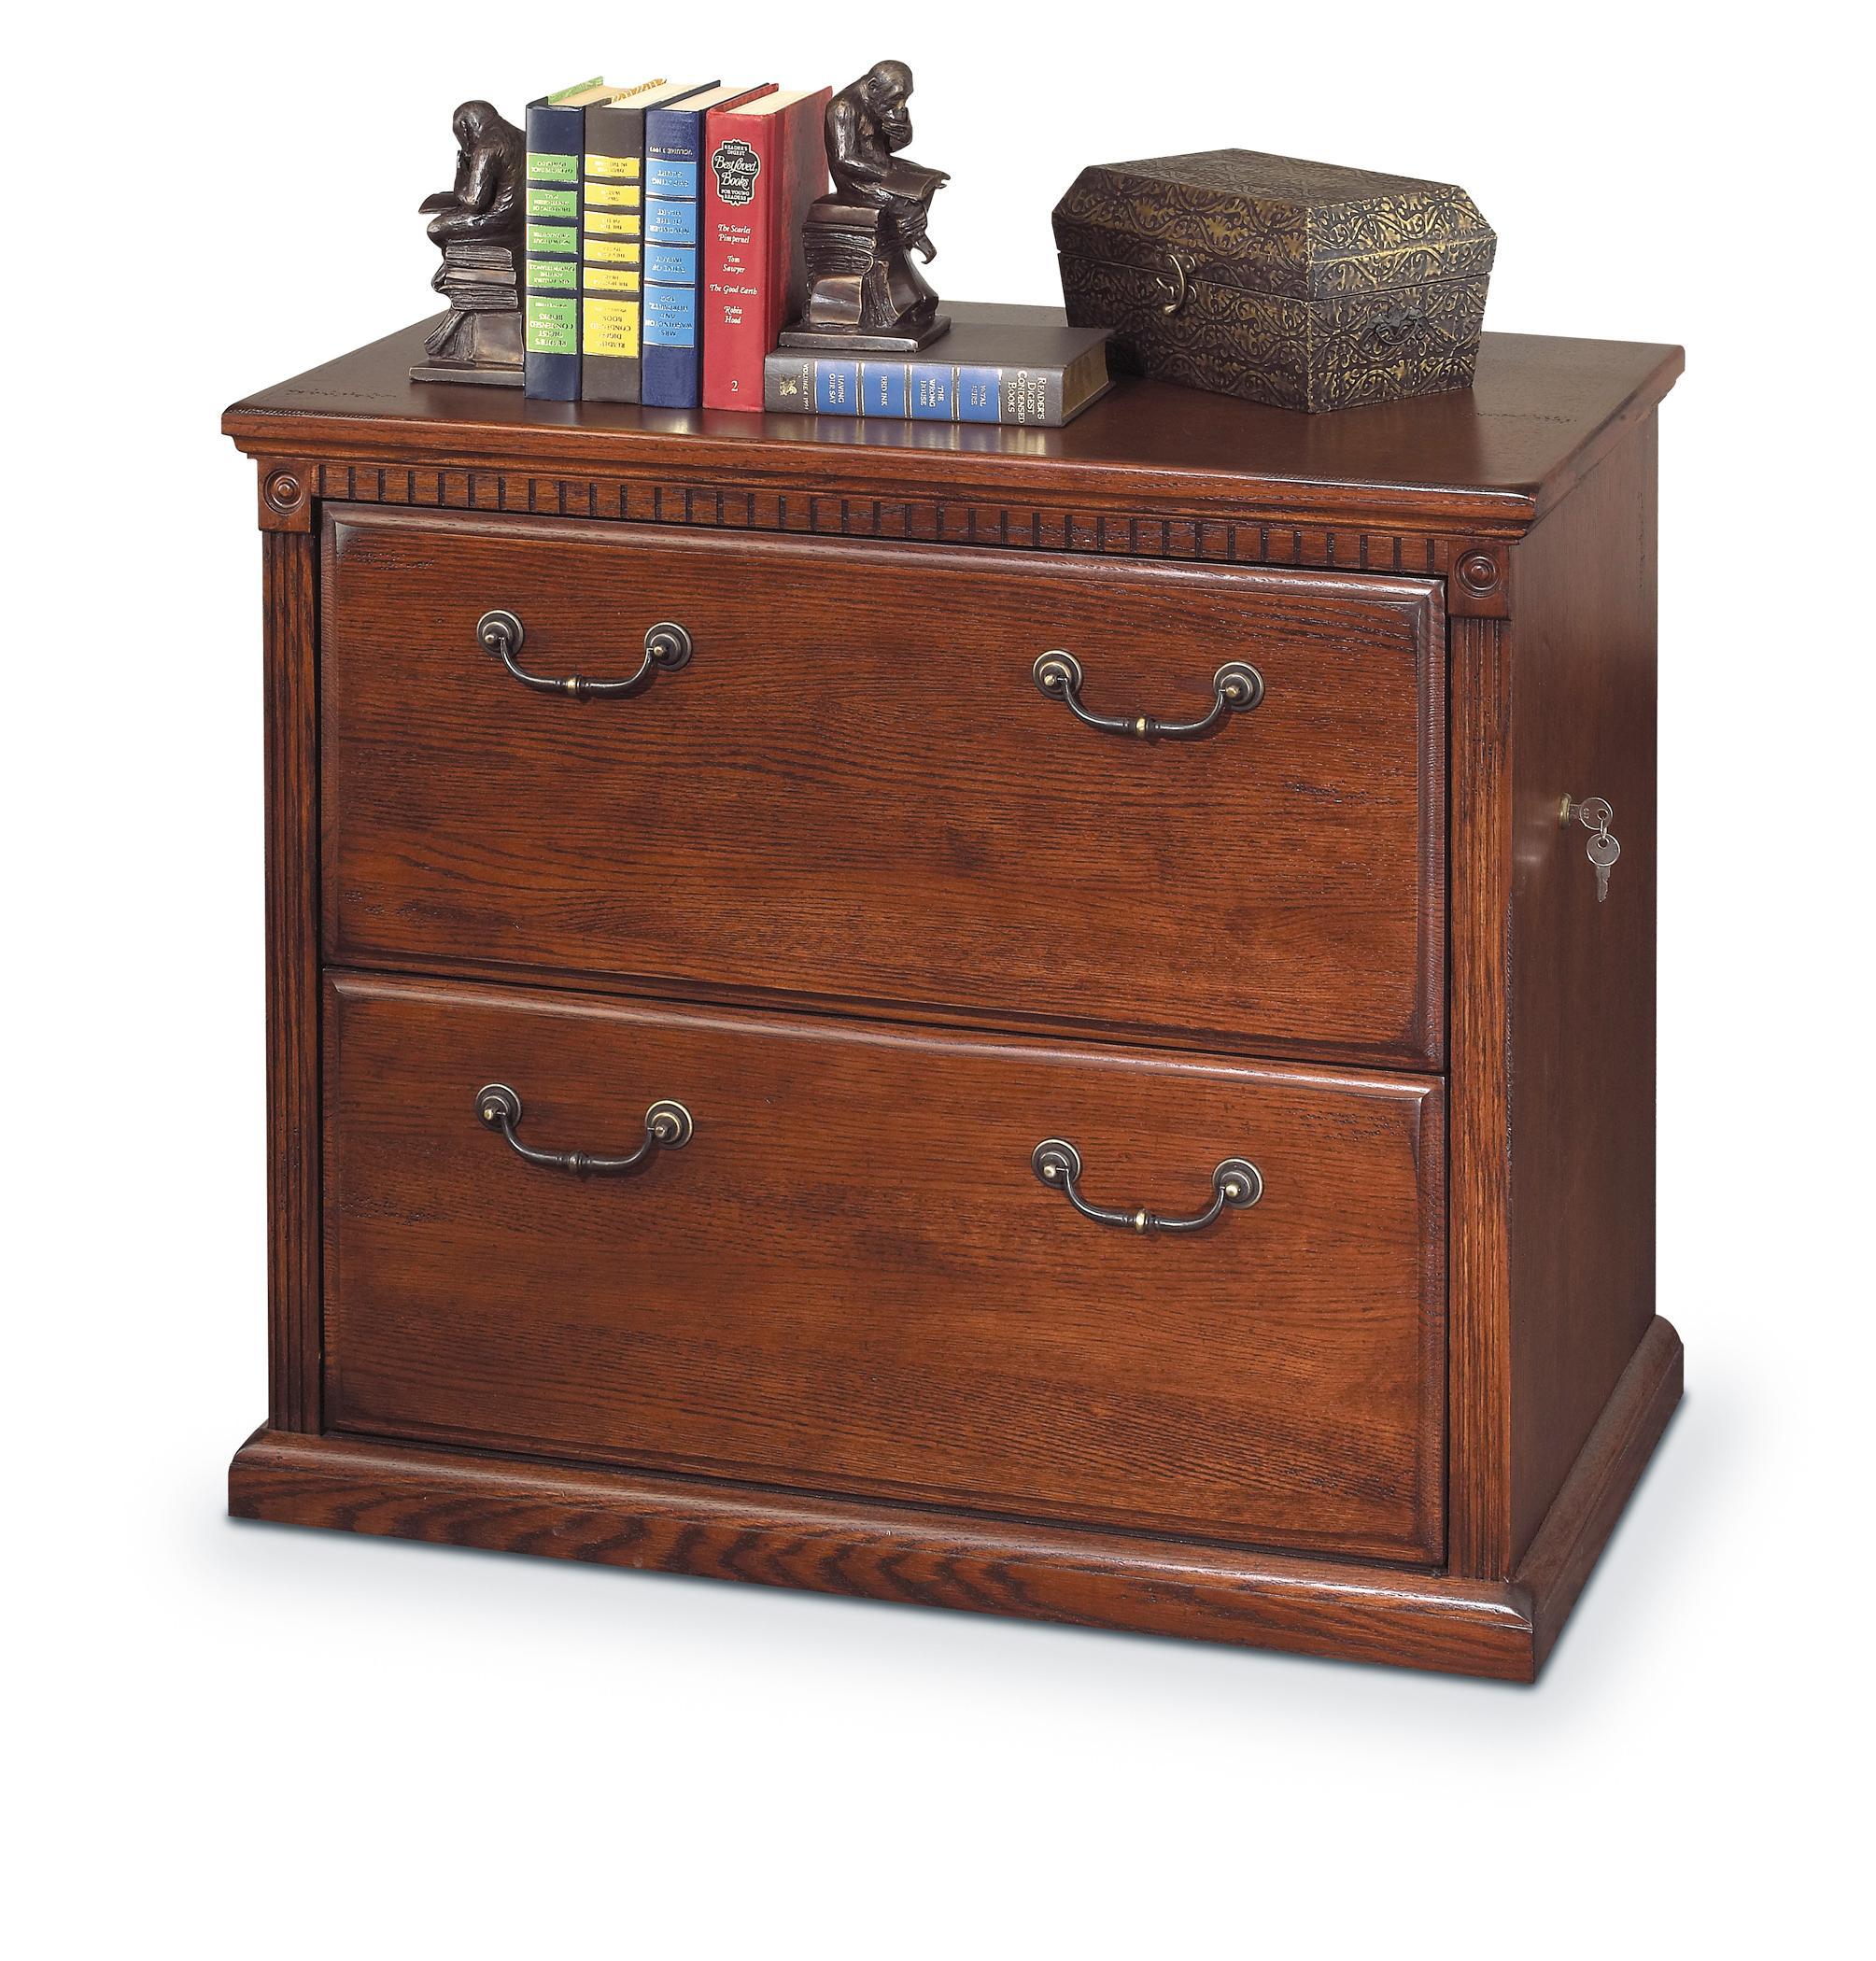 Amazon.com: Martin Furniture Oxford Single Pedestal Computer Desk ...